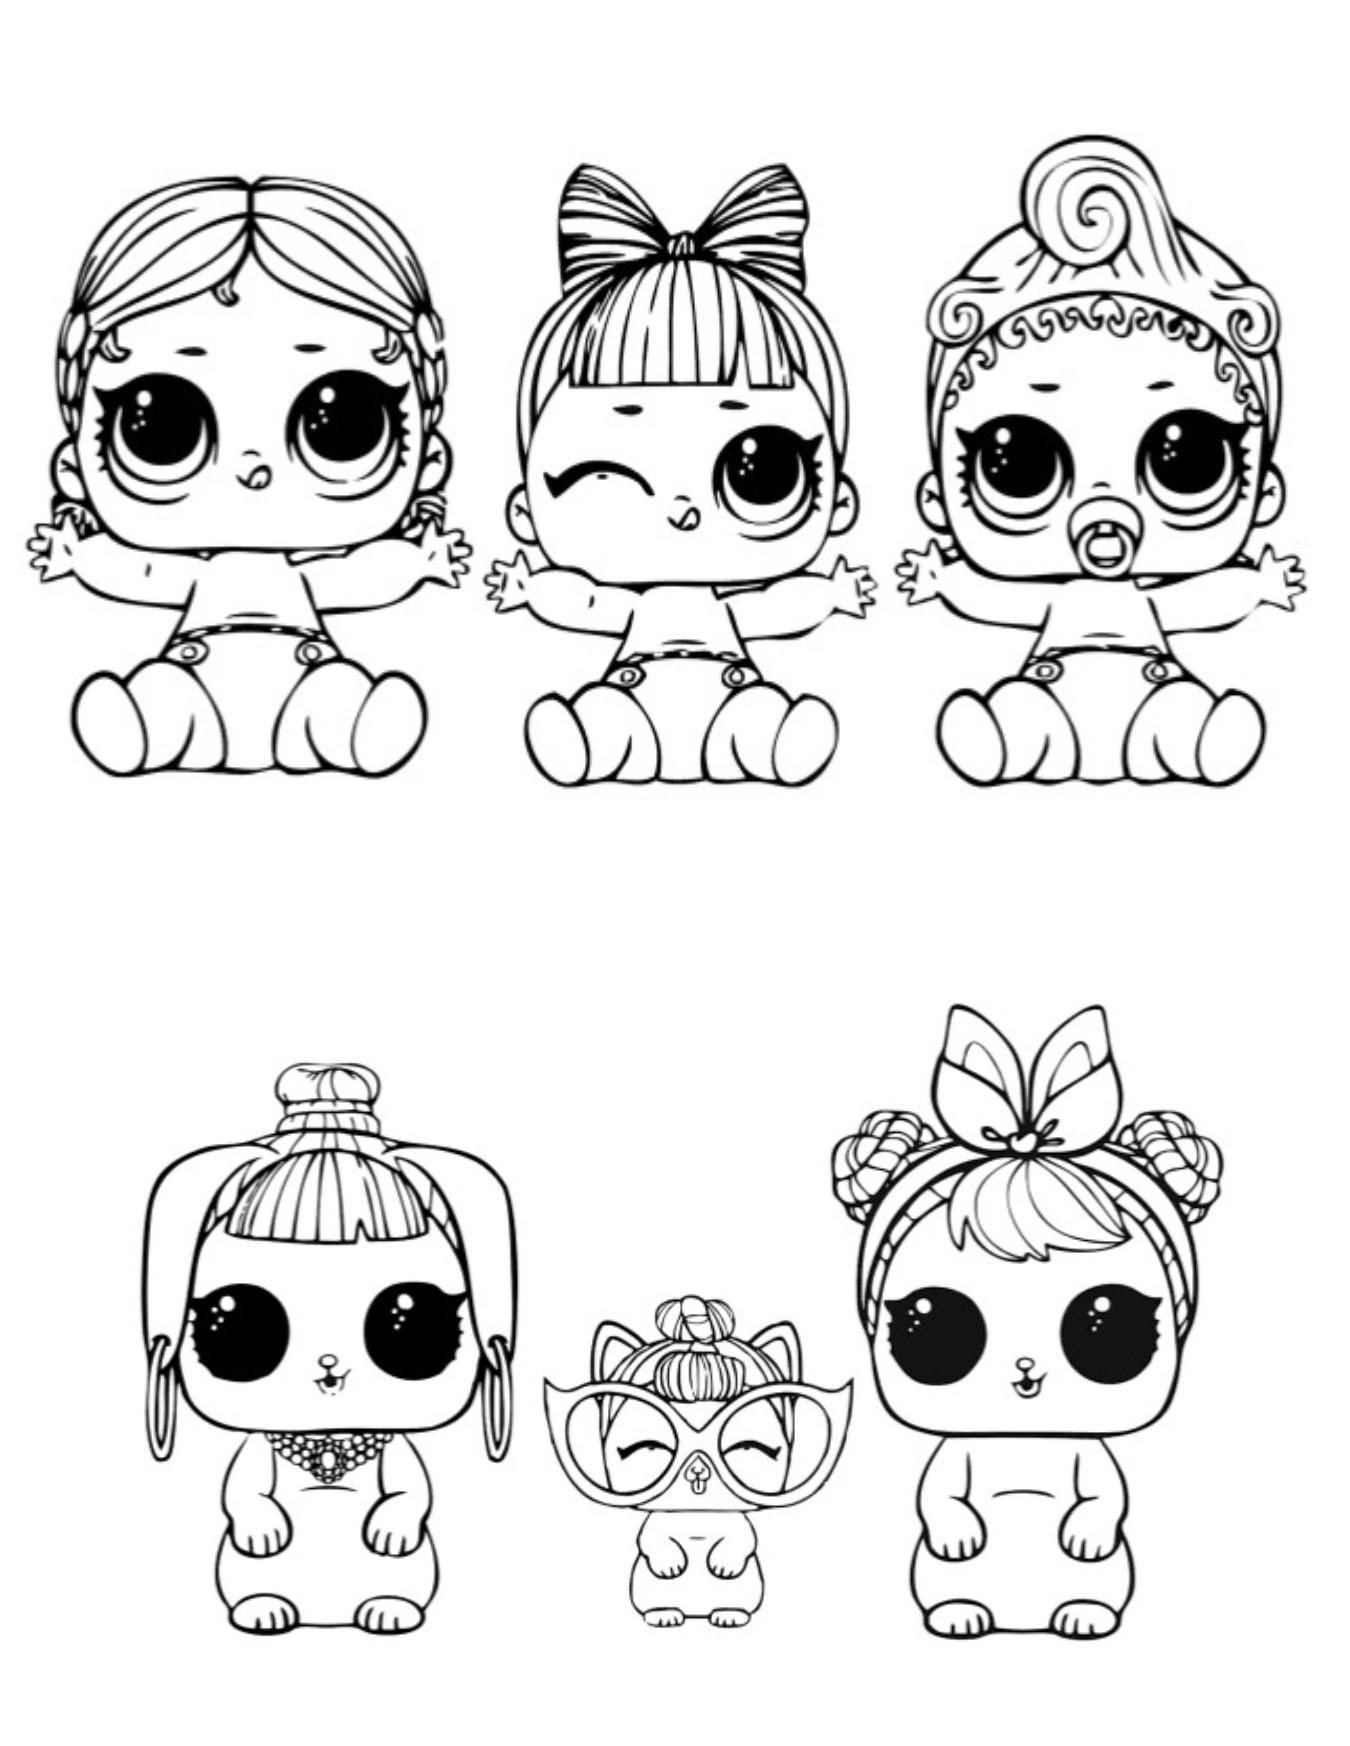 Раскраски для детей Кукла лол «три сестренки и петс», чтобы распечатать формат А4